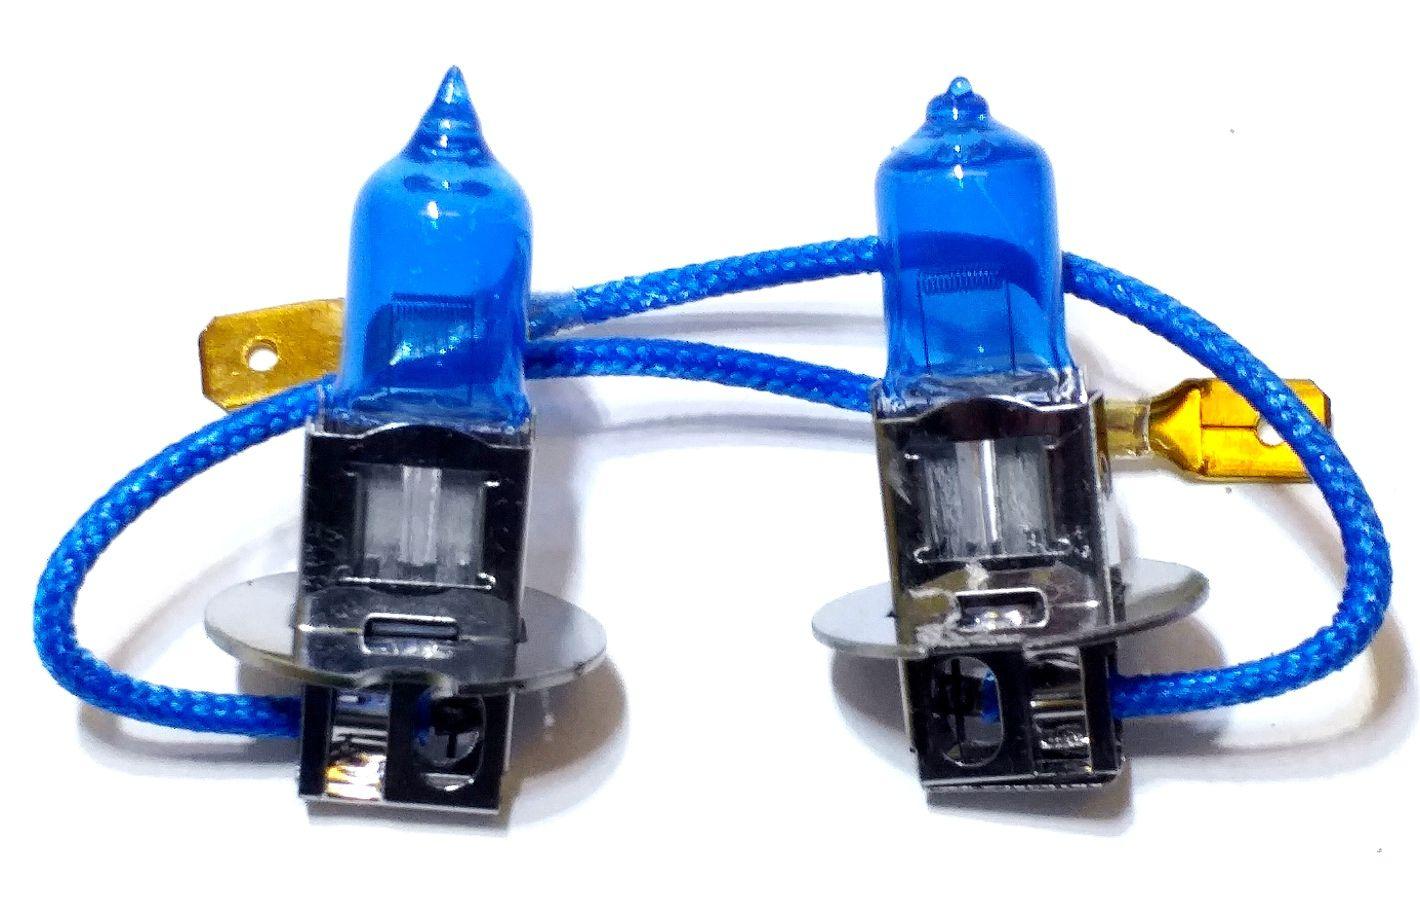 PAR LÂMPADA SUPER BRANCA H3 12V X 55W - 12 VOLTS / 55 WATS - QUALYTEN 8500K EFEITO XENÔN